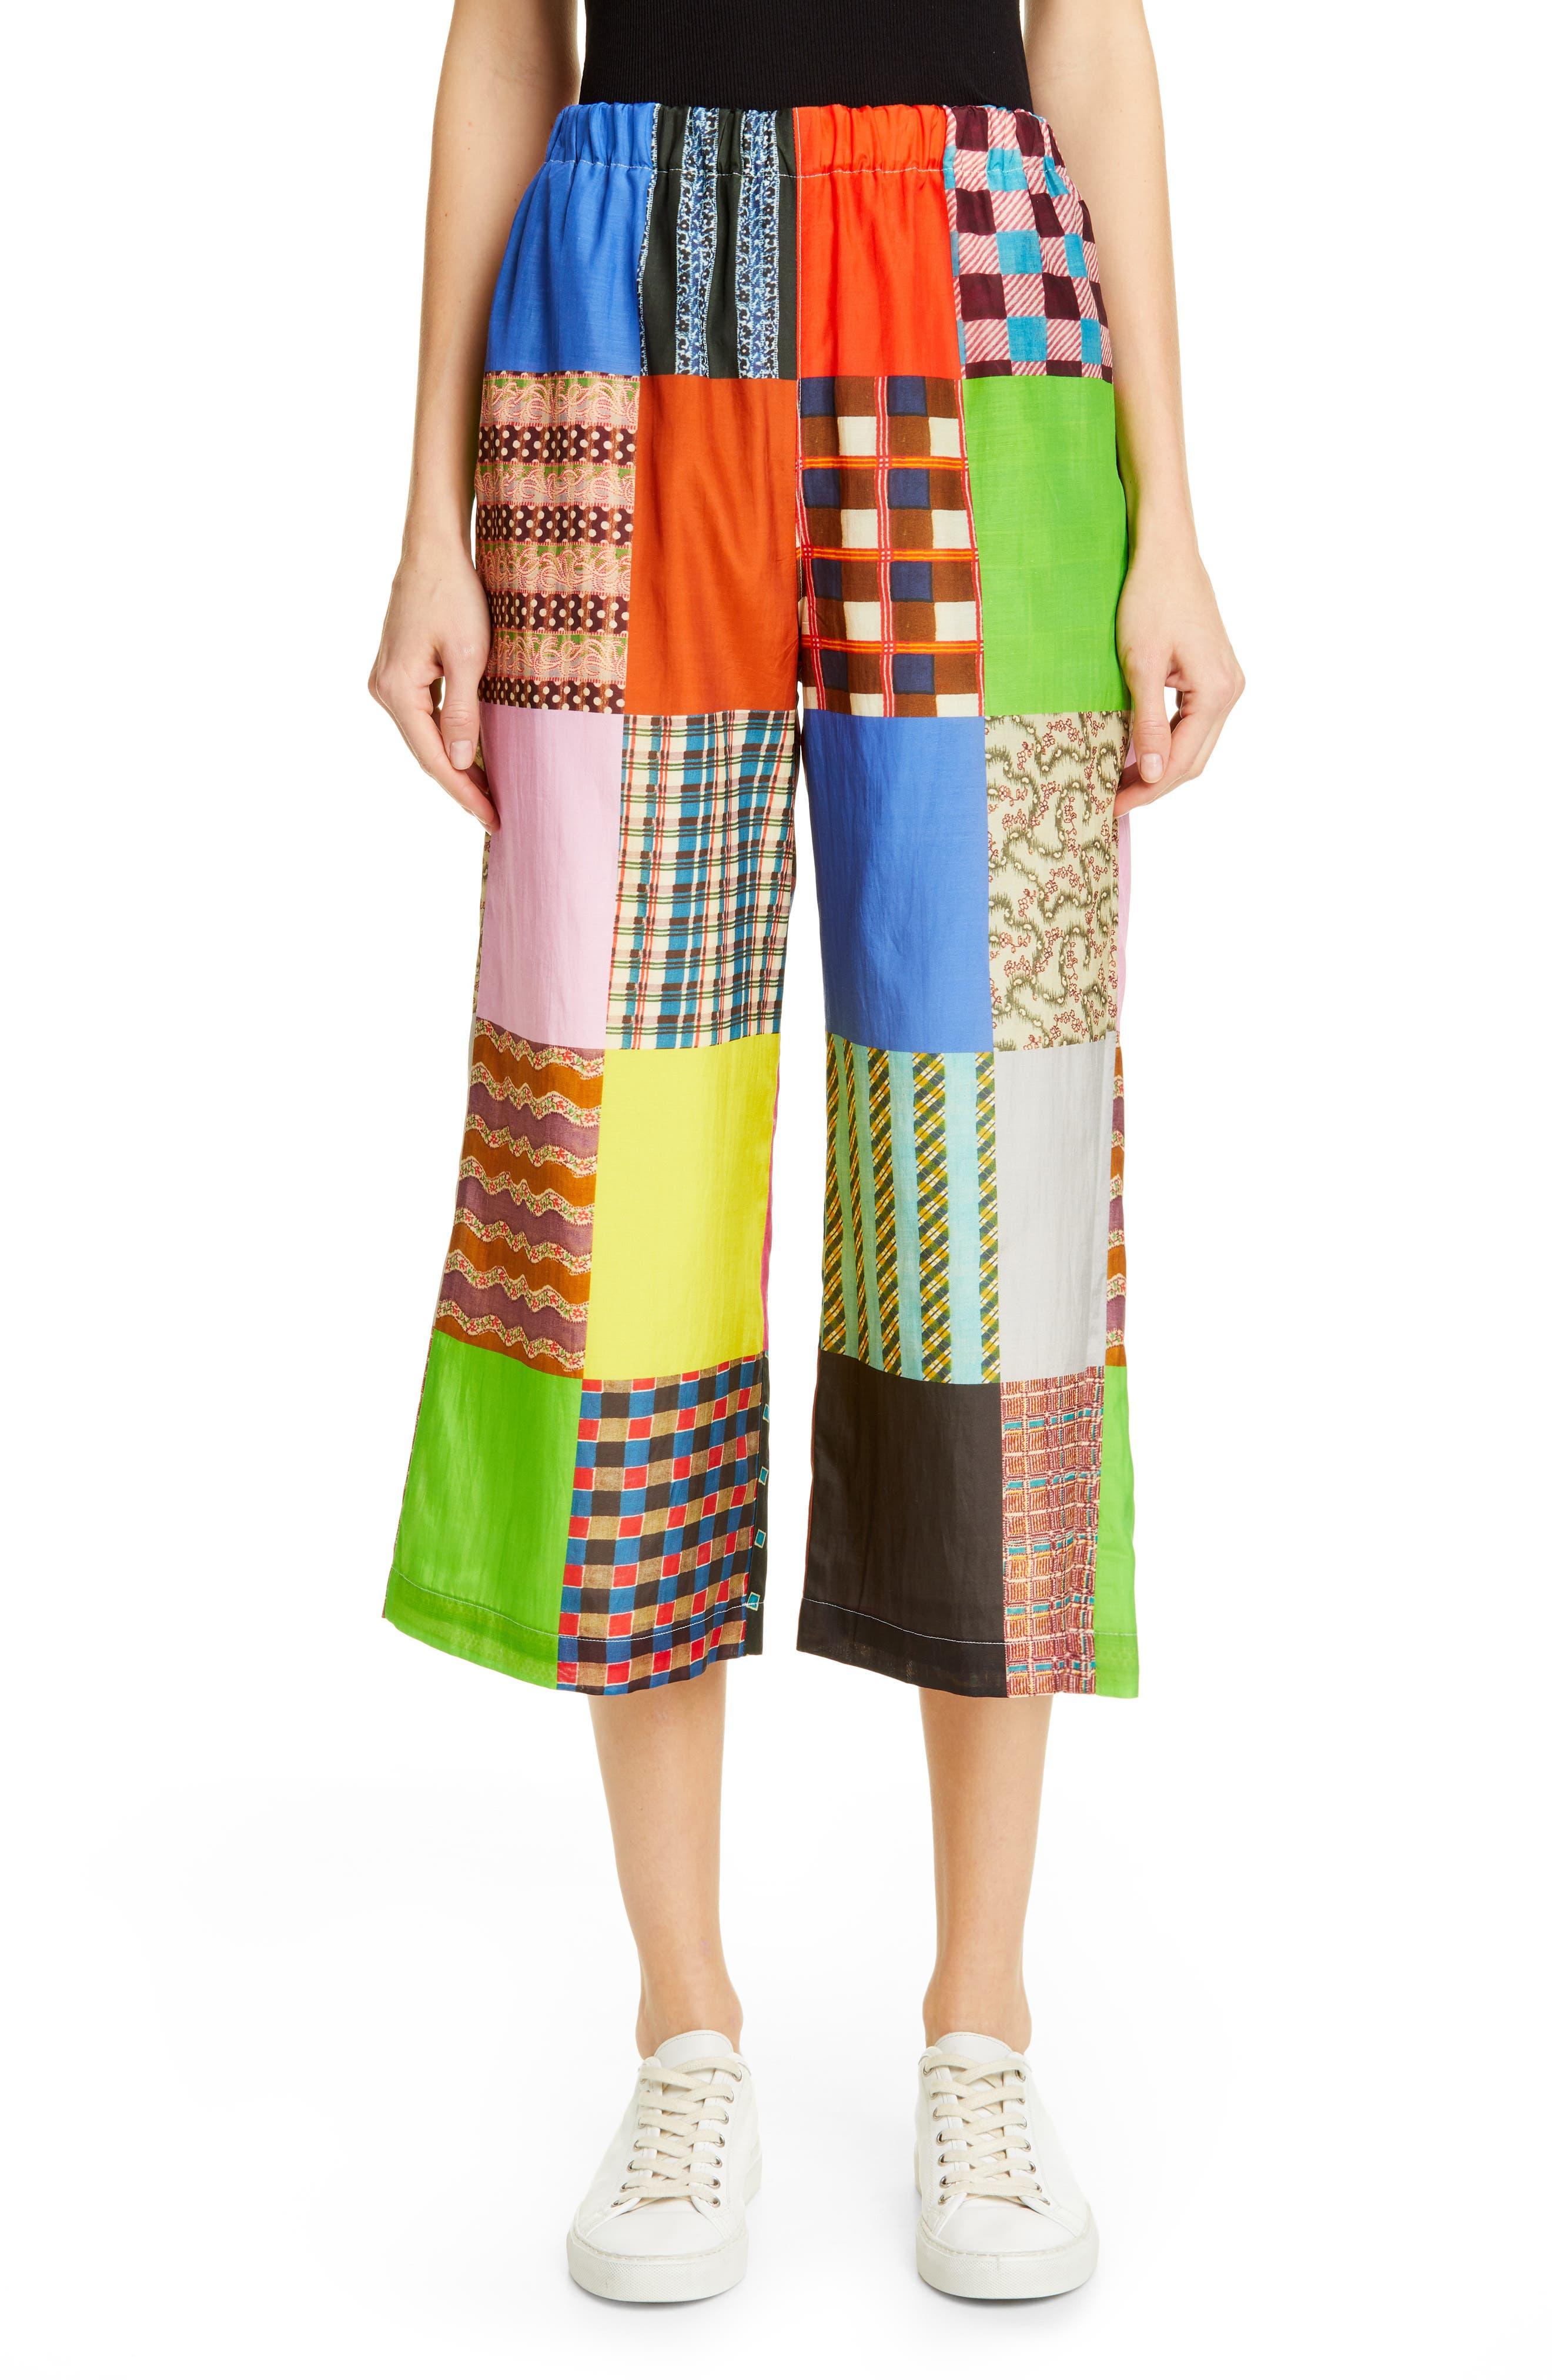 TRICOT COMME DES GARÇONS Patchwork Print Culottes, Main, color, B PATTERN